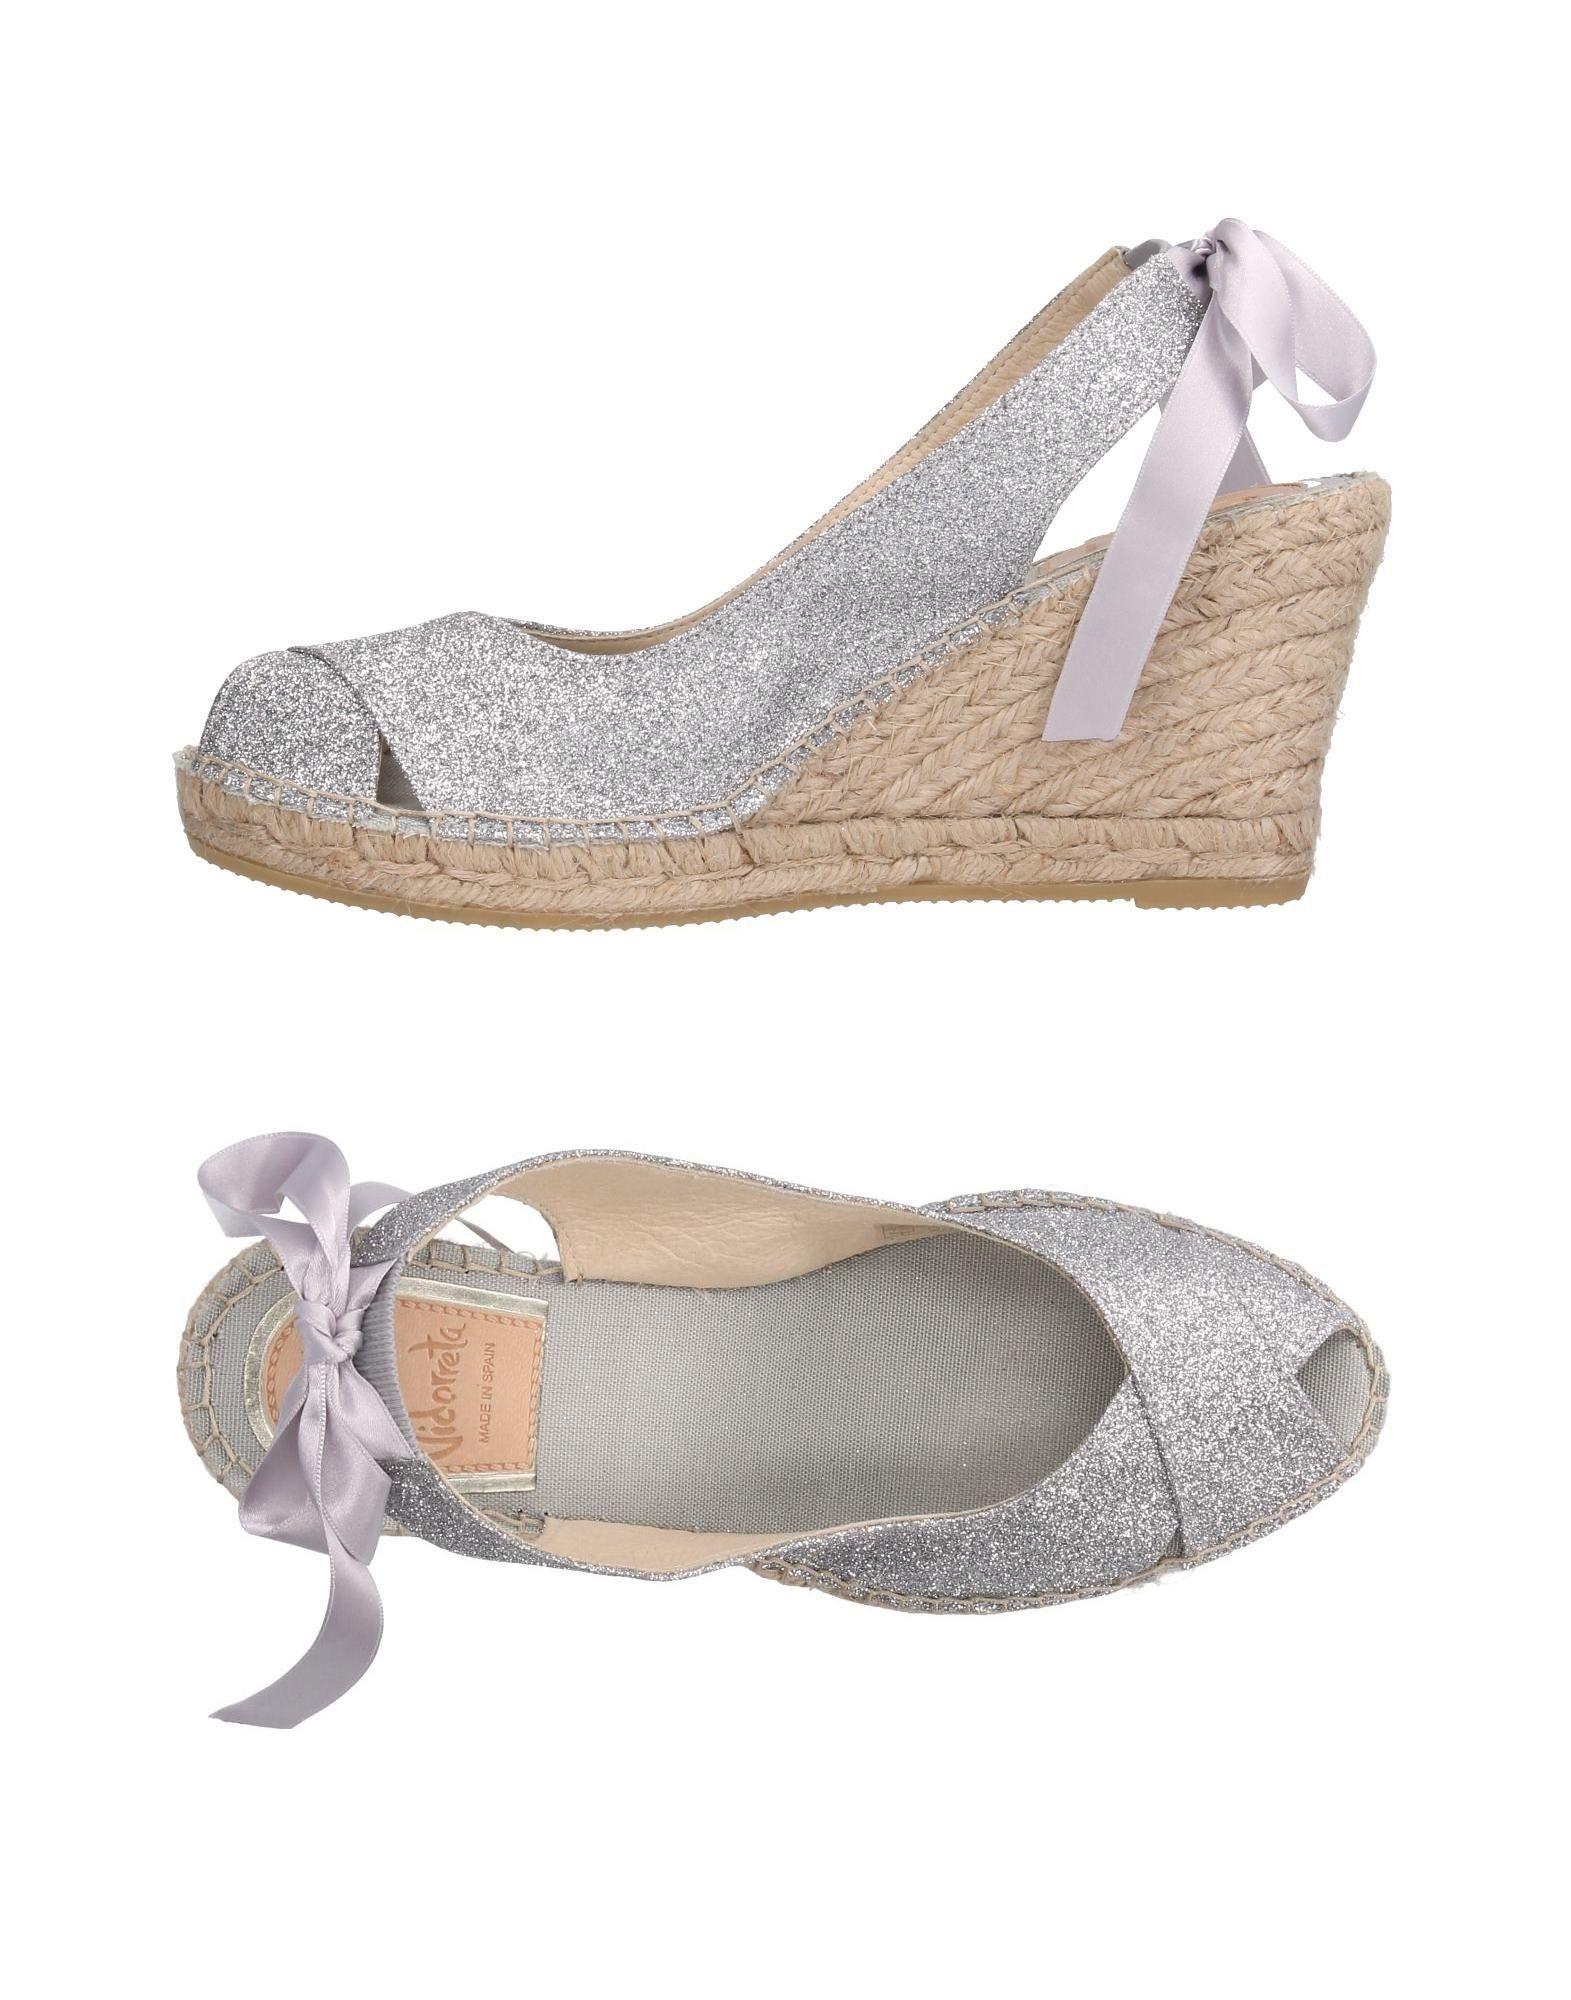 Vidorreta Espadrilles Damen  11202314VU 11202314VU 11202314VU Gute Qualität beliebte Schuhe f745d1